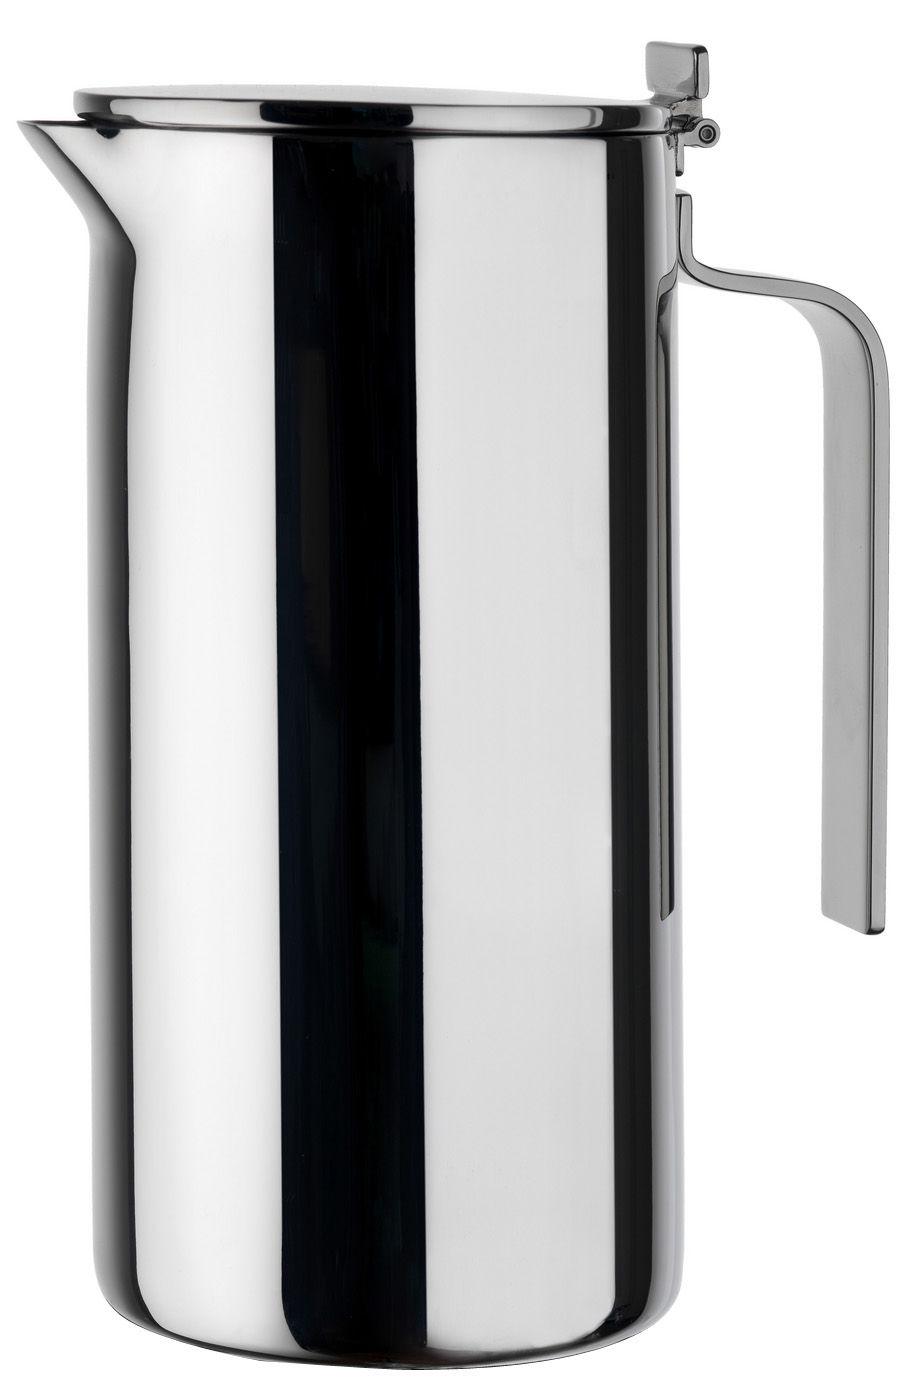 Tavola - Caffè - Bricco per caffè Adagio - Isotermico - 100 cl di A di Alessi - Acciaio lucido - 100 cl - Acciaio inossidabile